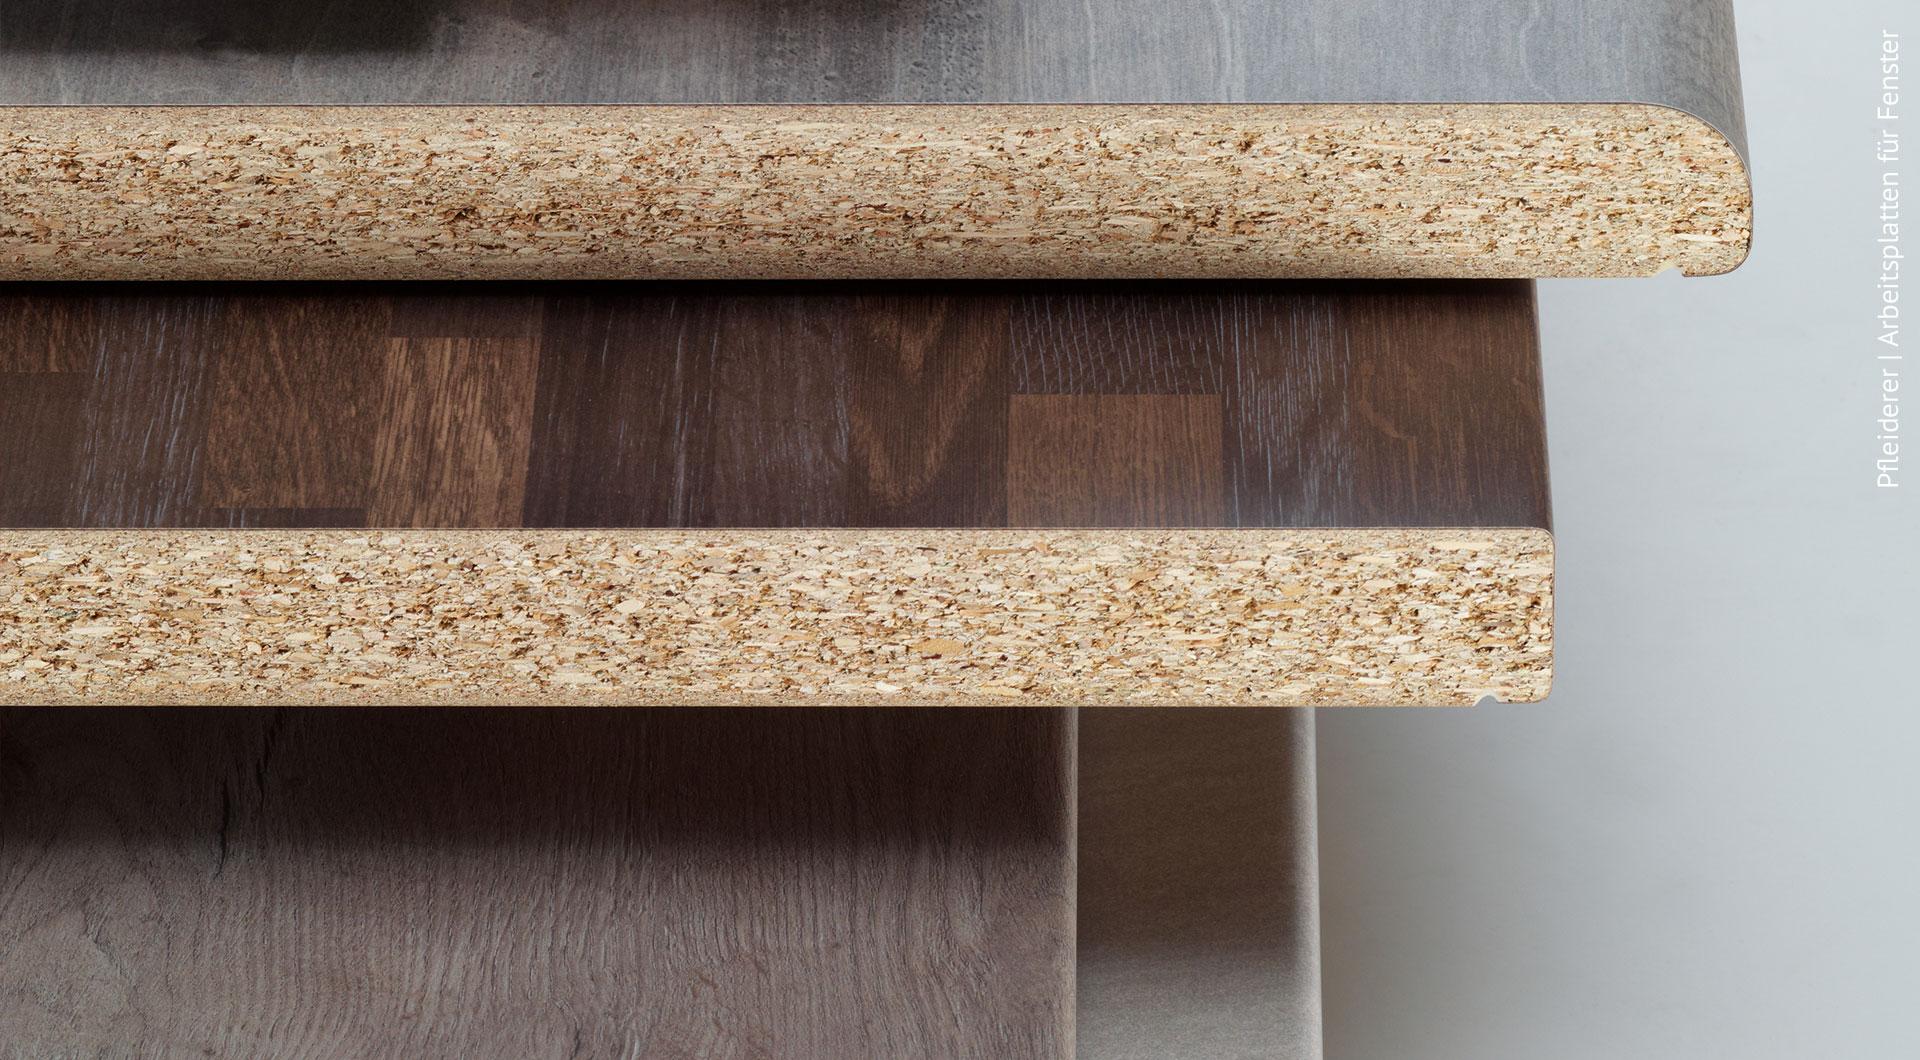 Arbeitsplatten von Holz Roeren genügen auch den gehobenen Qualitätsansprüchen